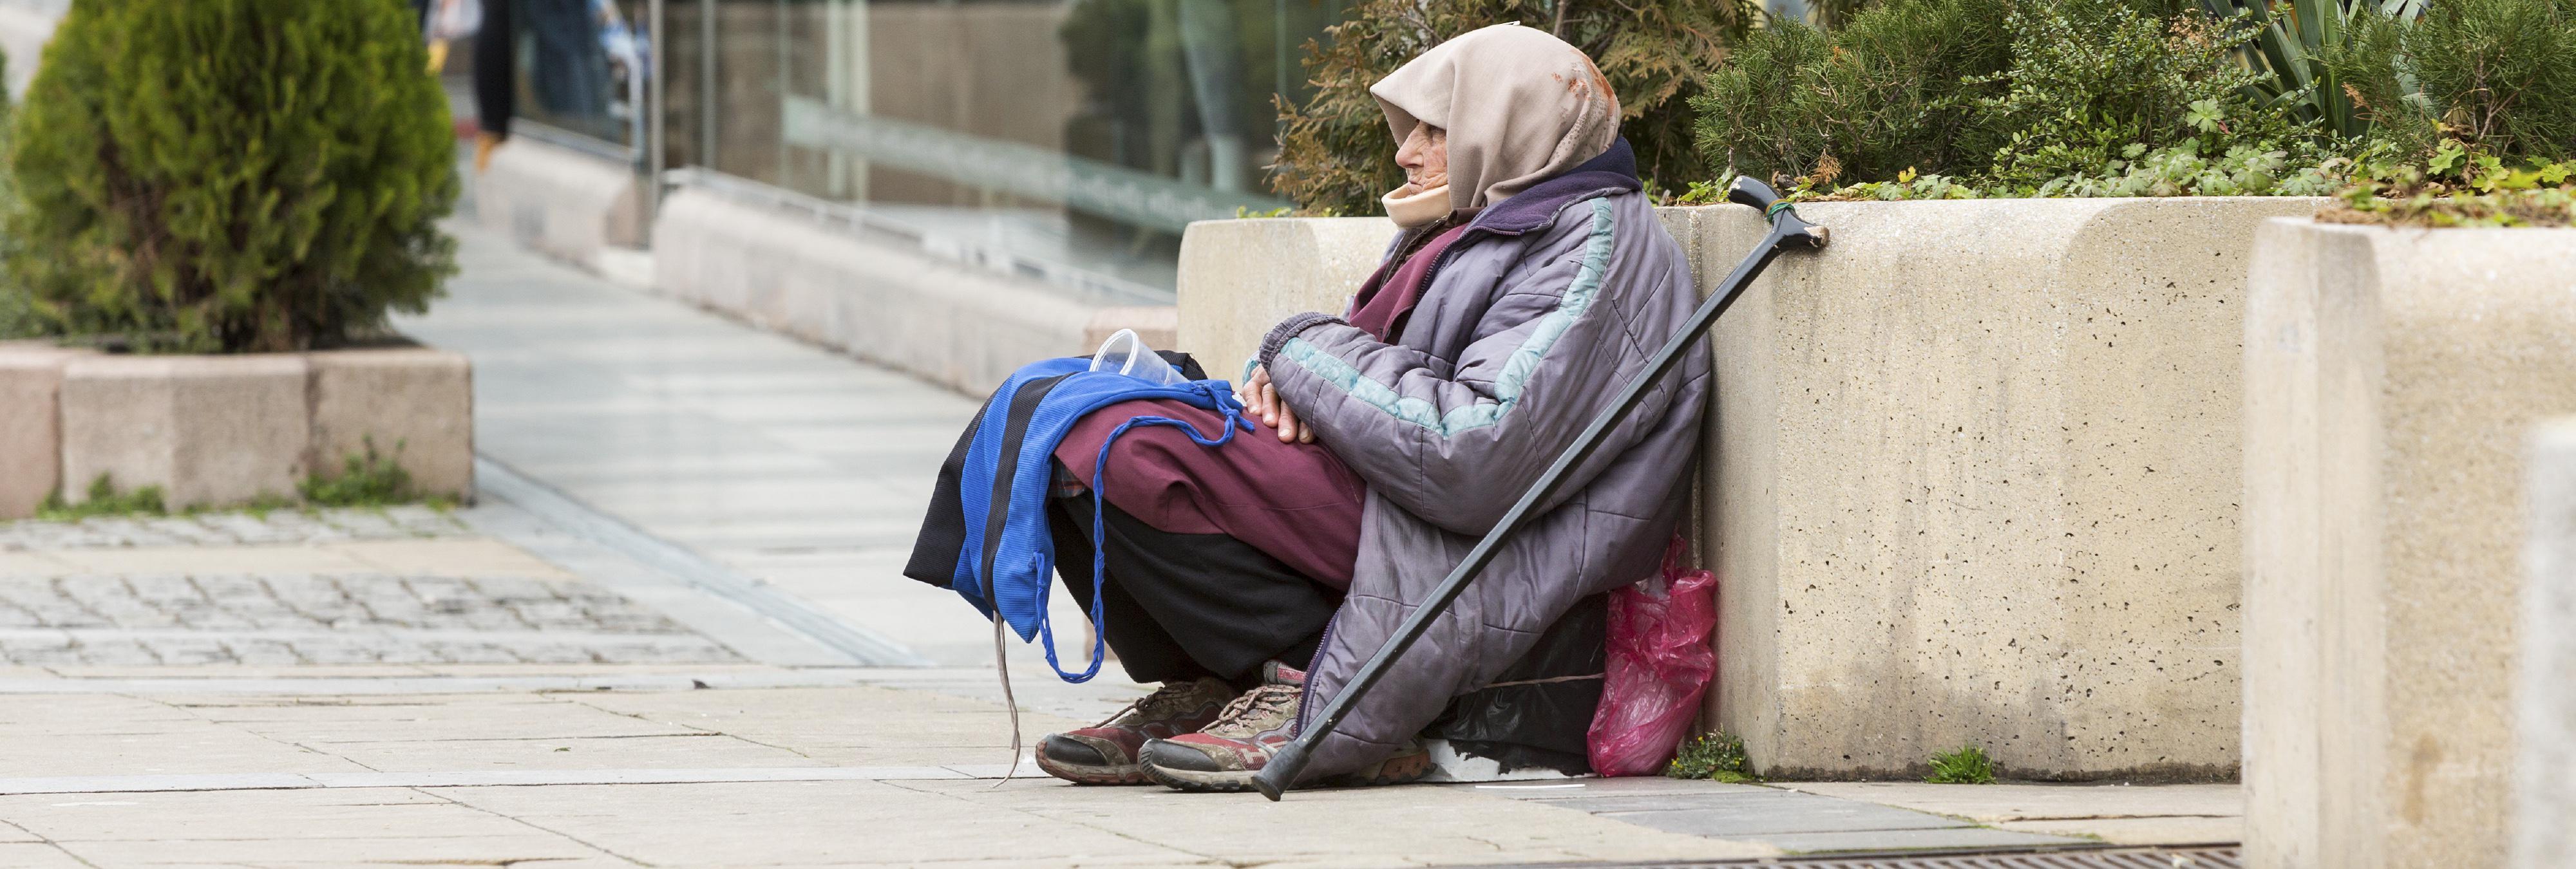 Humillante trato de los hinchas del PSV a mujeres que pedían limosna en Madrid